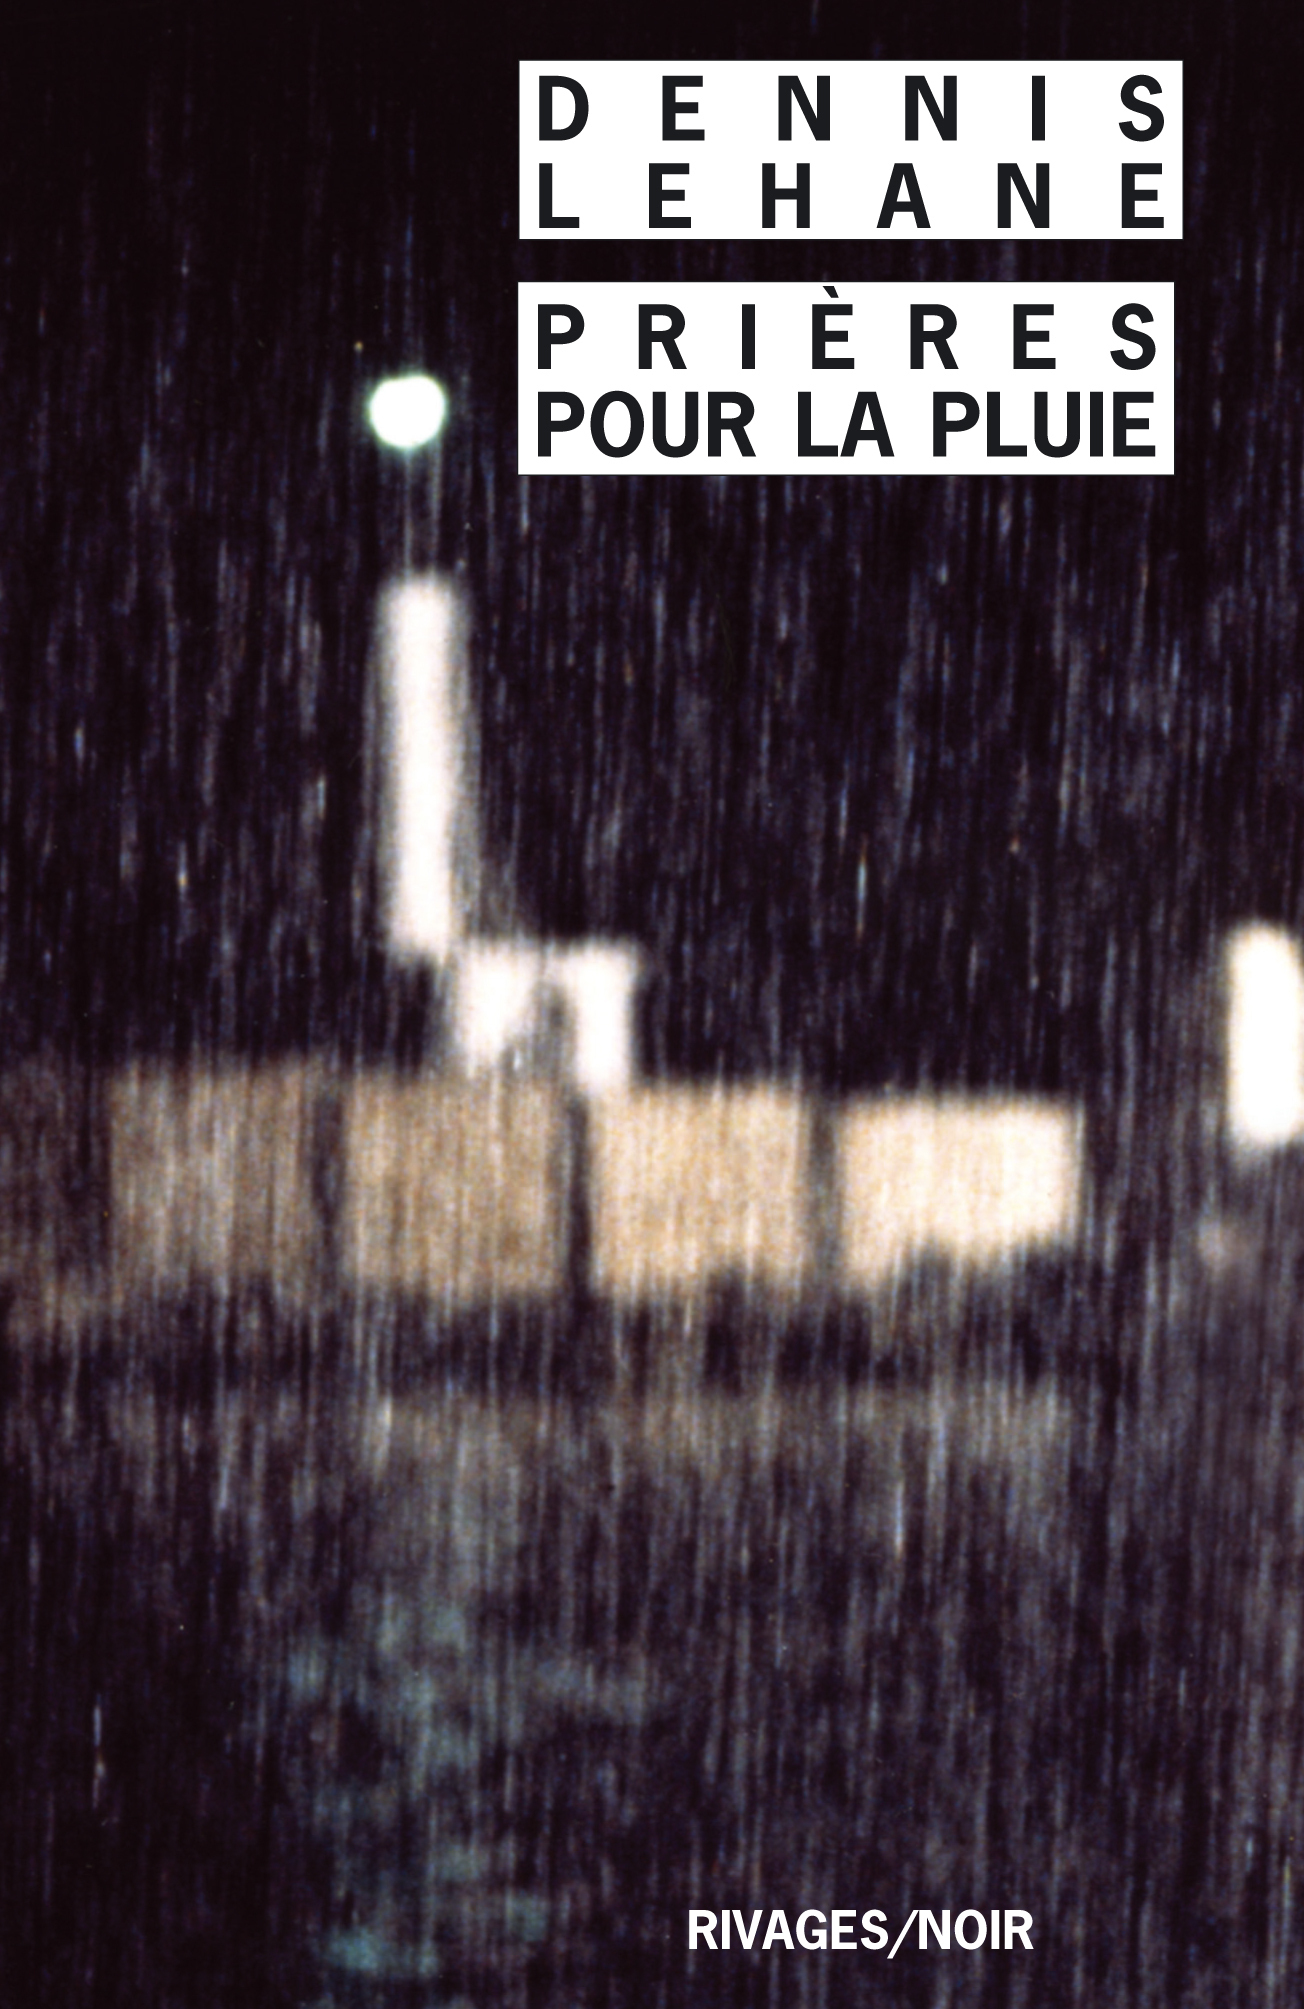 Prières pour la pluie